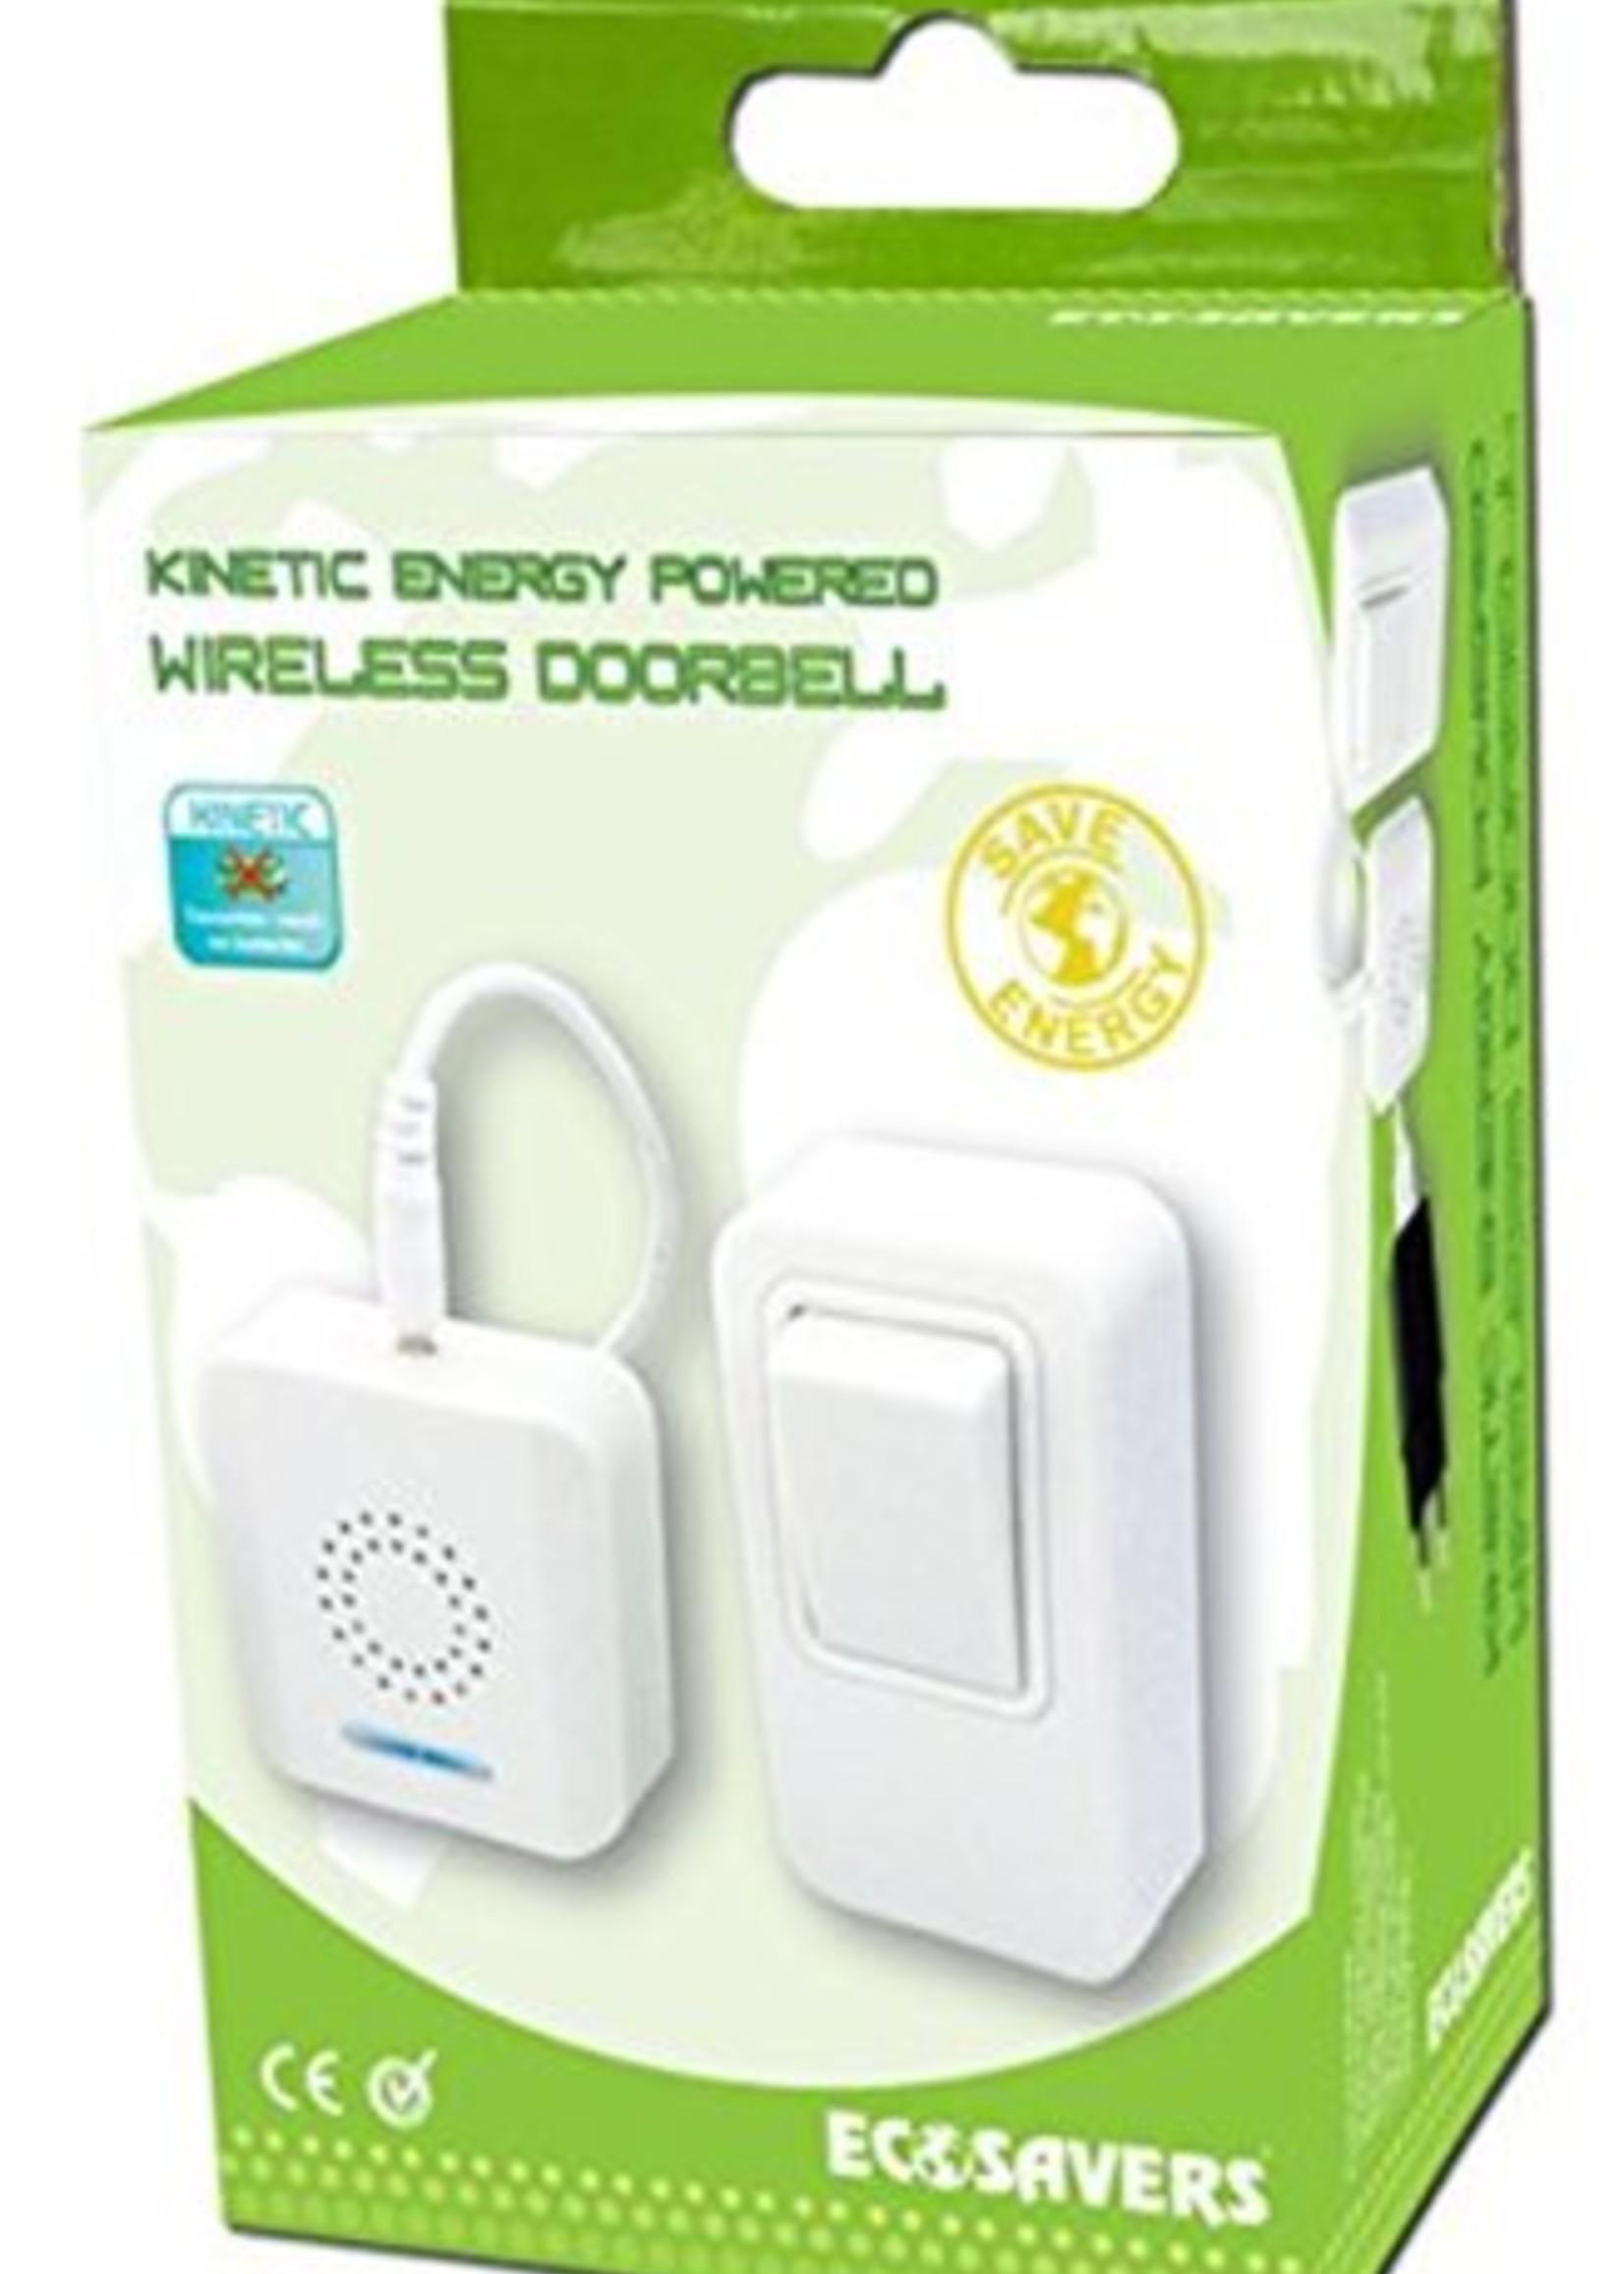 Kinetic energy powered doorbell